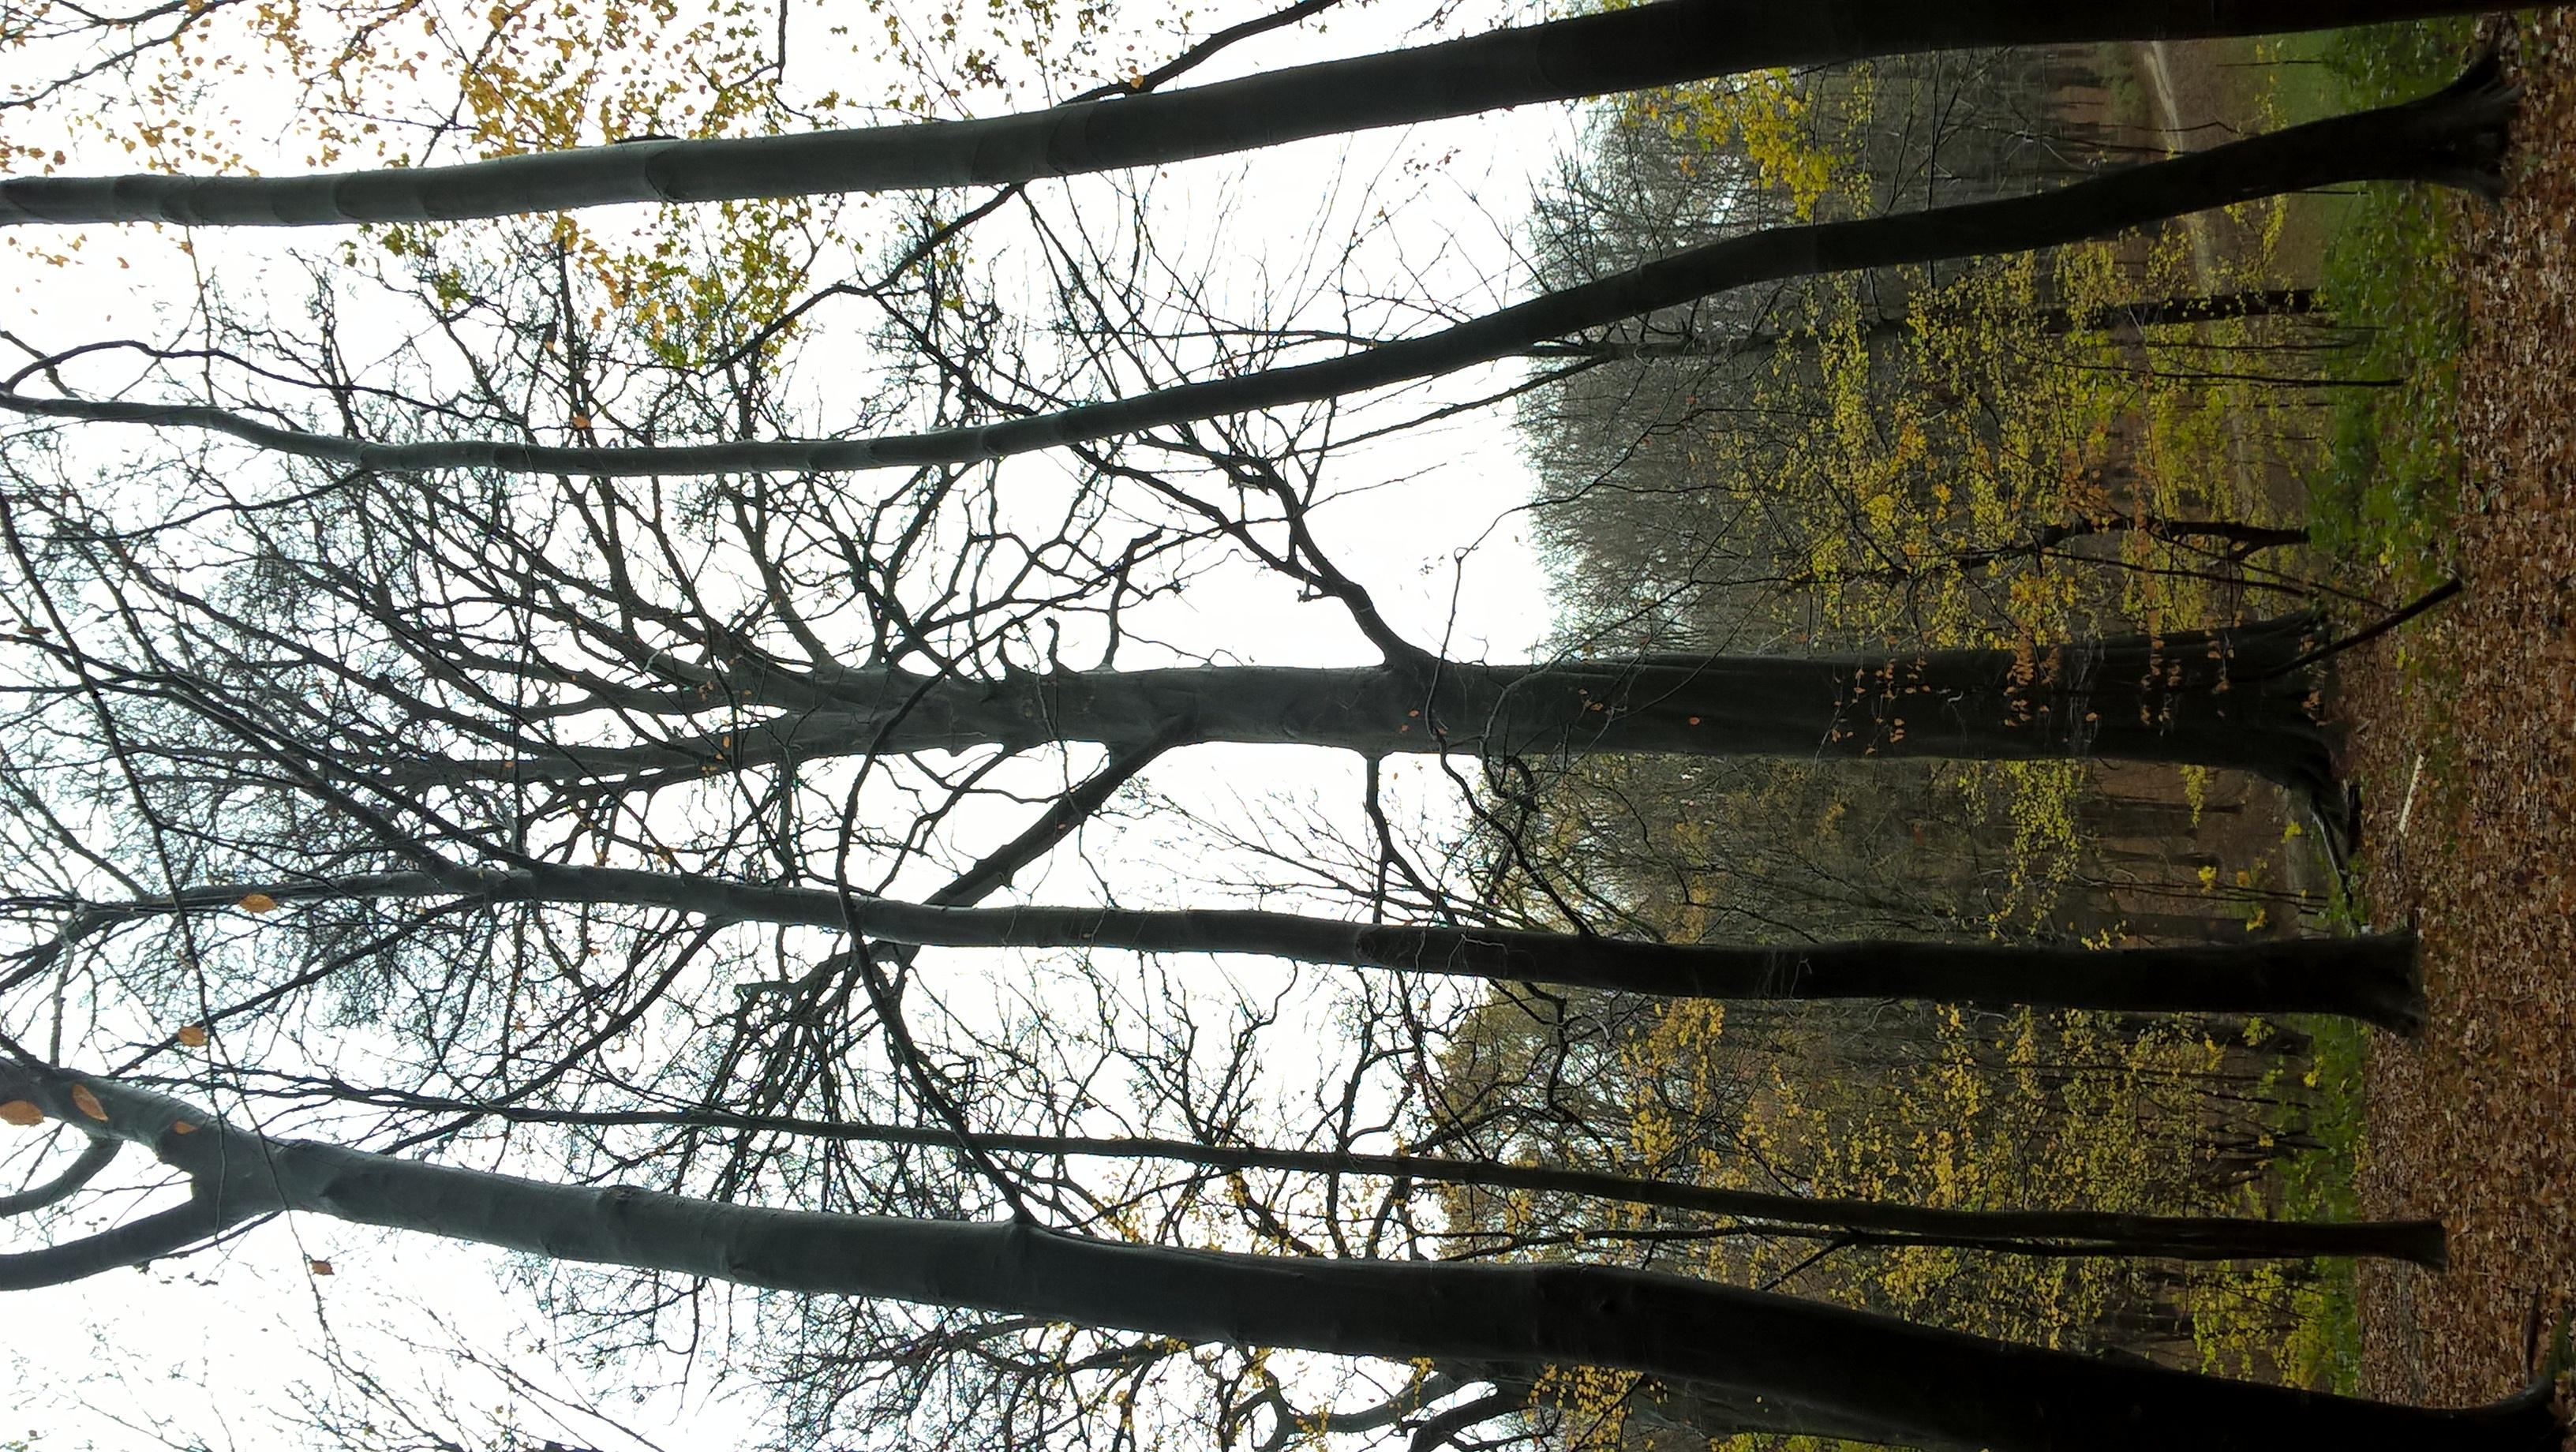 Hêtre d'Europe – Bruxelles, Bois de la Cambre –  01 Décembre 2020